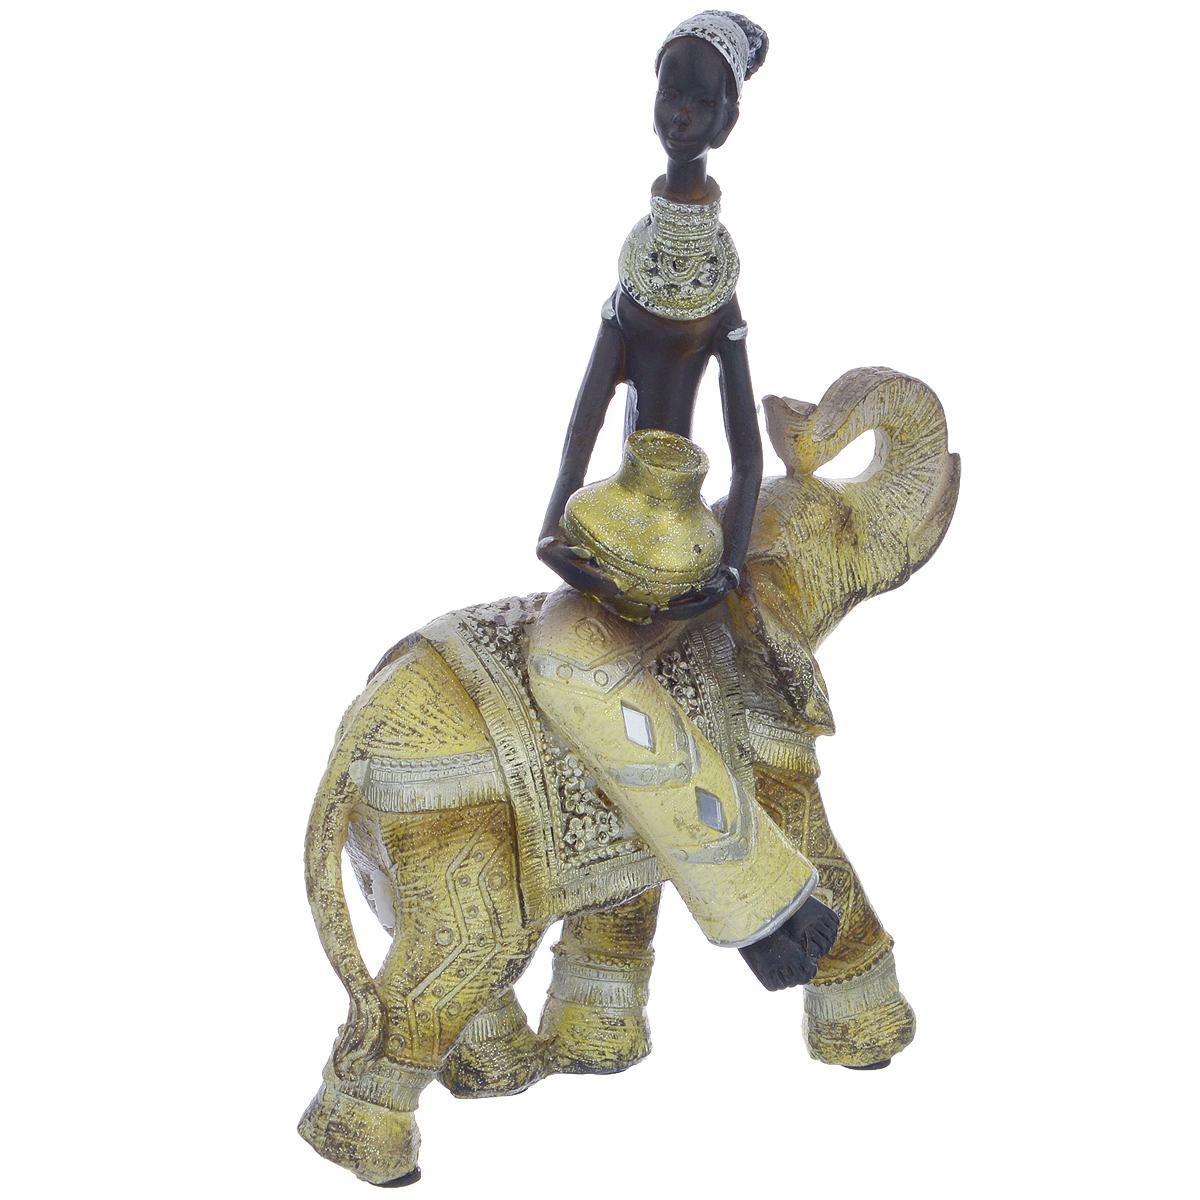 Фигурка декоративная Molento Африканка и слон, высота 20,5 см25051 7_зеленыйДекоративная фигура Molento Африканка и слон, изготовленная из полистоуна, позволит вам украсить интерьер дома, рабочего кабинета или любого другого помещения оригинальным образом. Изделие, выполненное в виде африканской женщины на слоне, оформлено рельефным рисунком и блестками.С такой декоративной фигурой вы сможете не просто внести в интерьер элемент оригинальности, но и создать атмосферу загадочности и изысканности.Размер фигурки: 15,5 см х 7 см х 20,5 см.